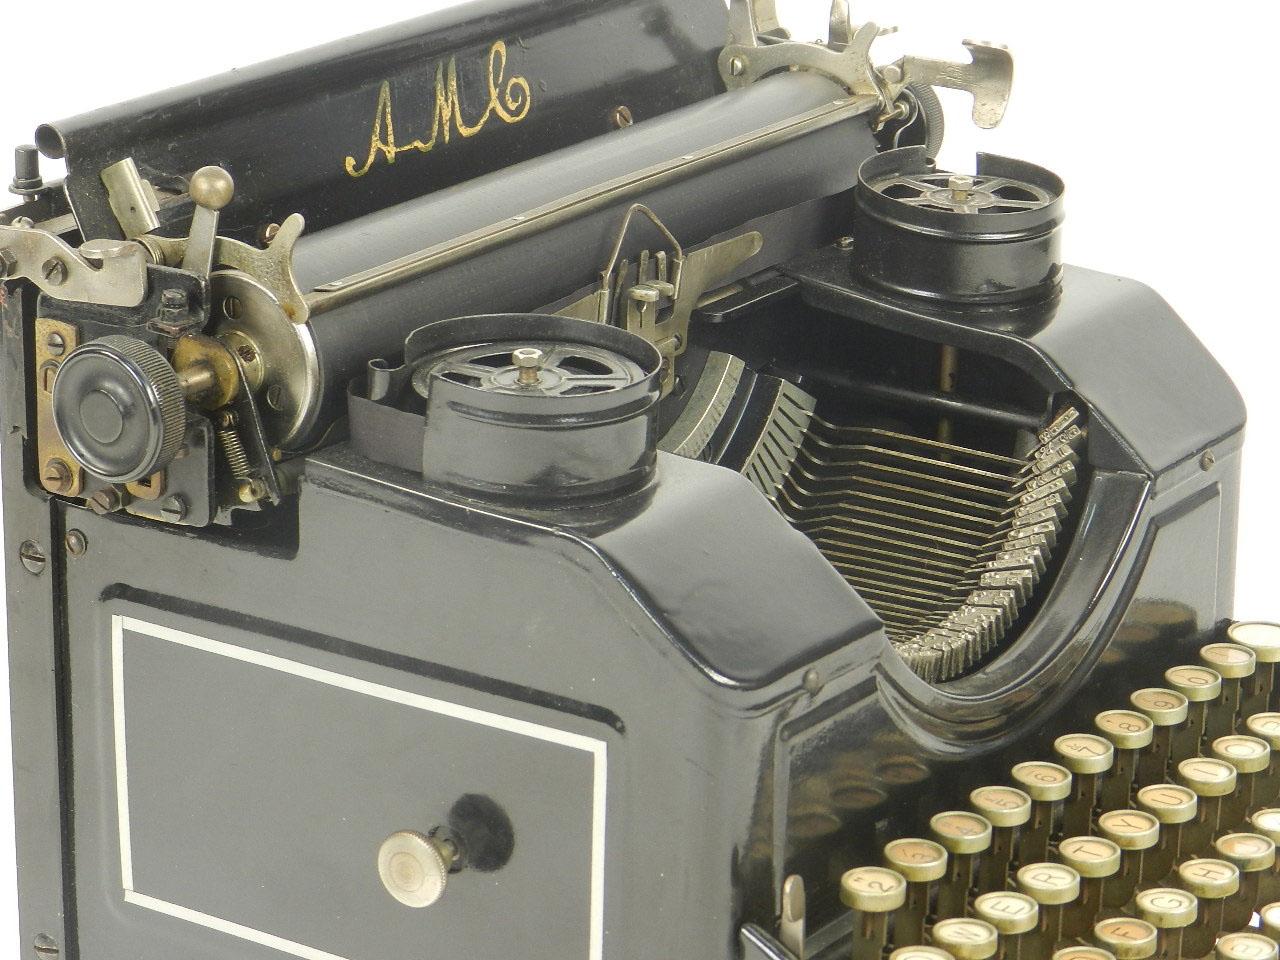 Imagen MÁQUINA DE ESCRIBIR AMC AÑO 1925 23078